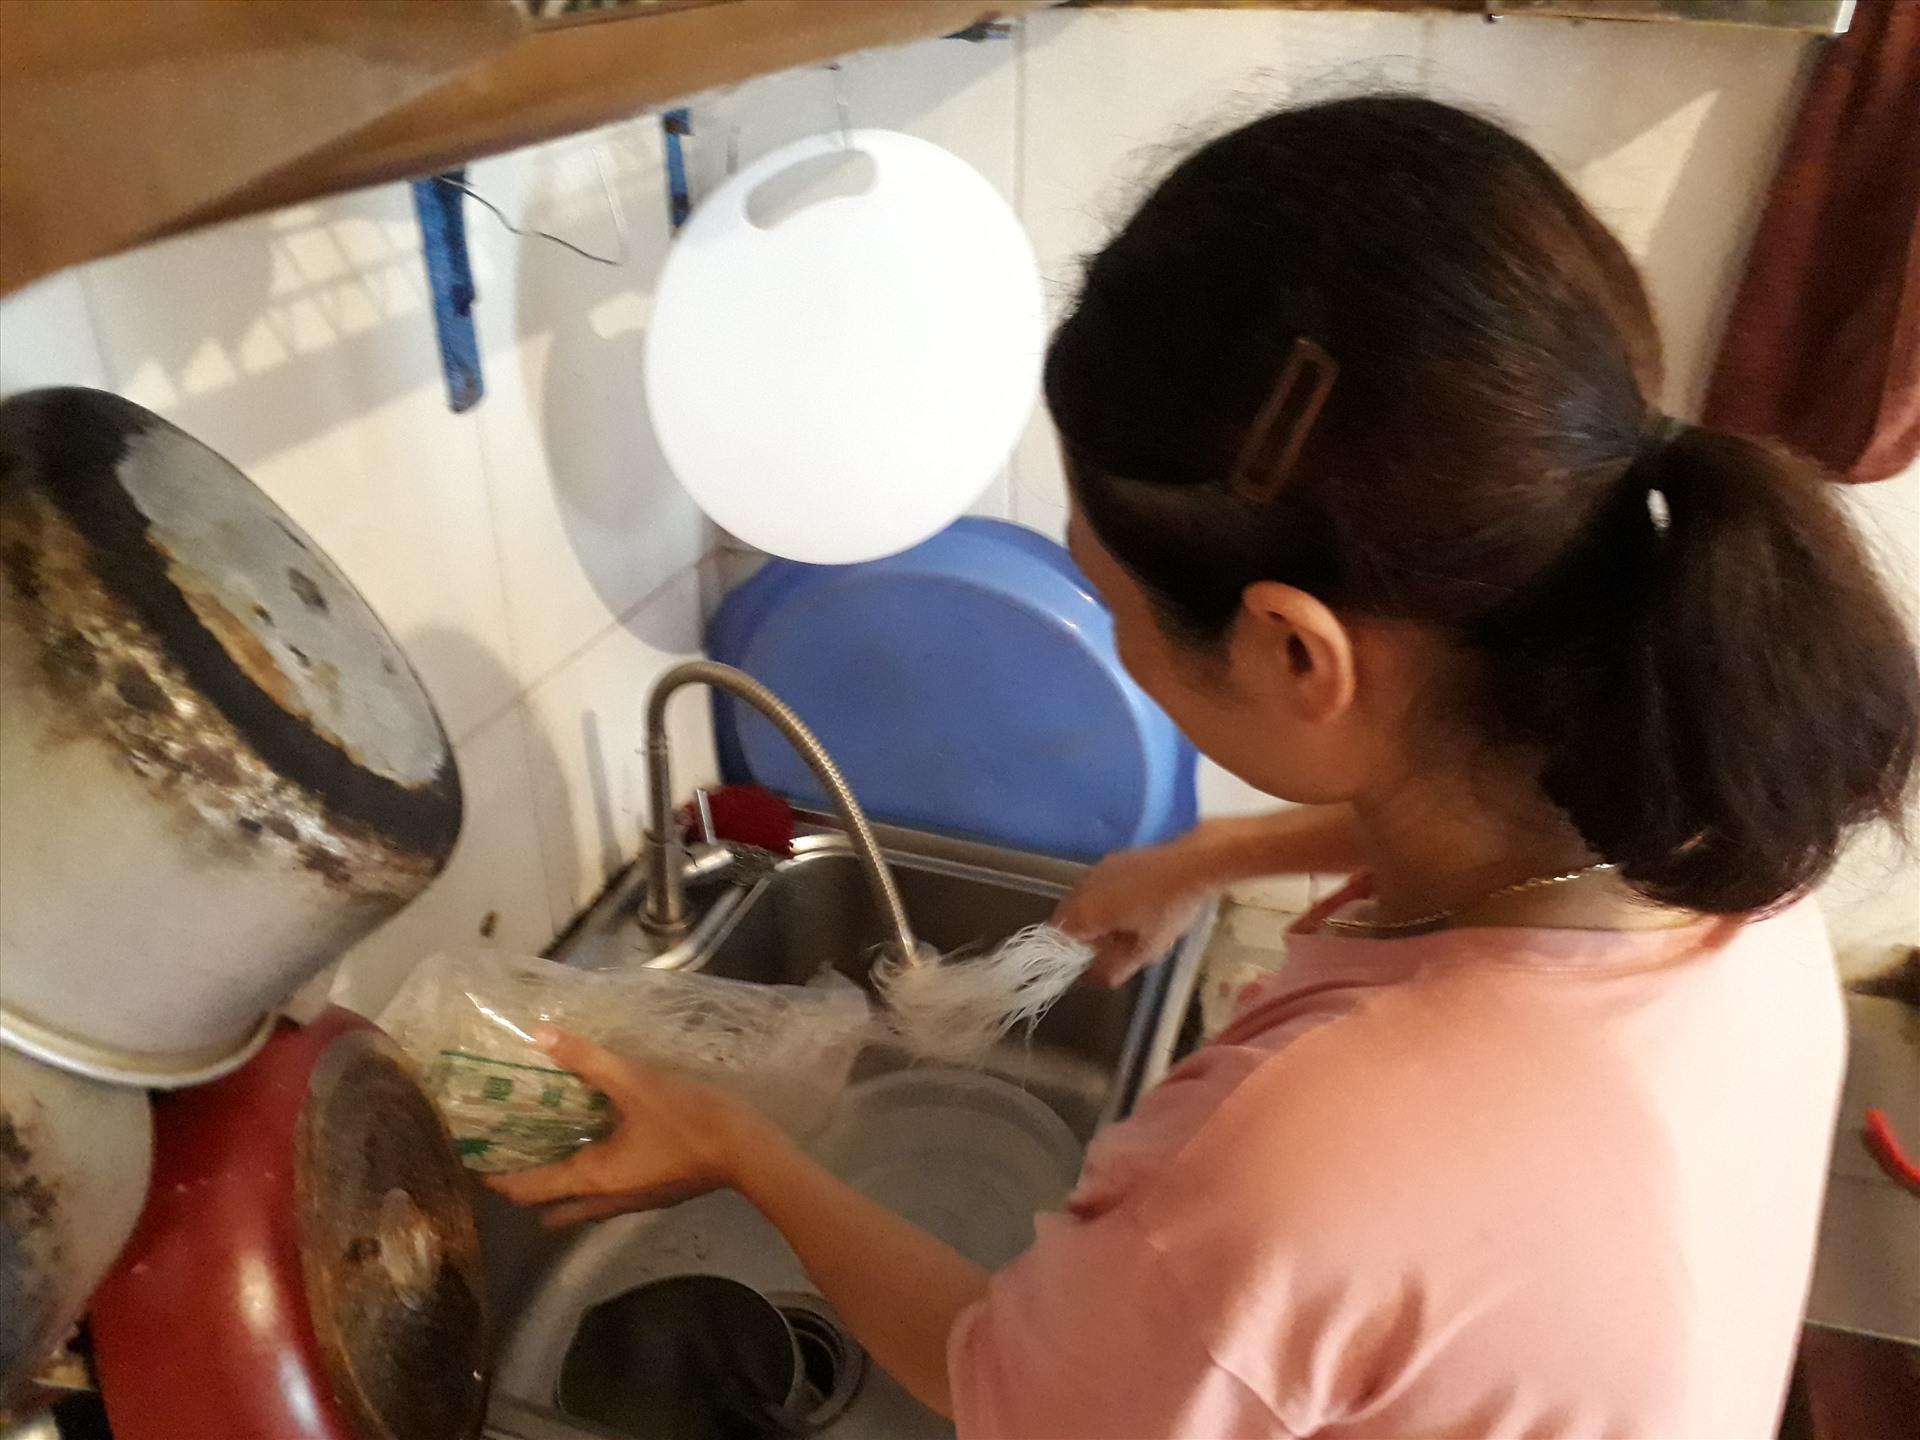 Chị Dương Thị Mai tách sợi mỳ để nấu bữa ăn trưa đạm bạc của mình. Ảnh: Bảo Hân.